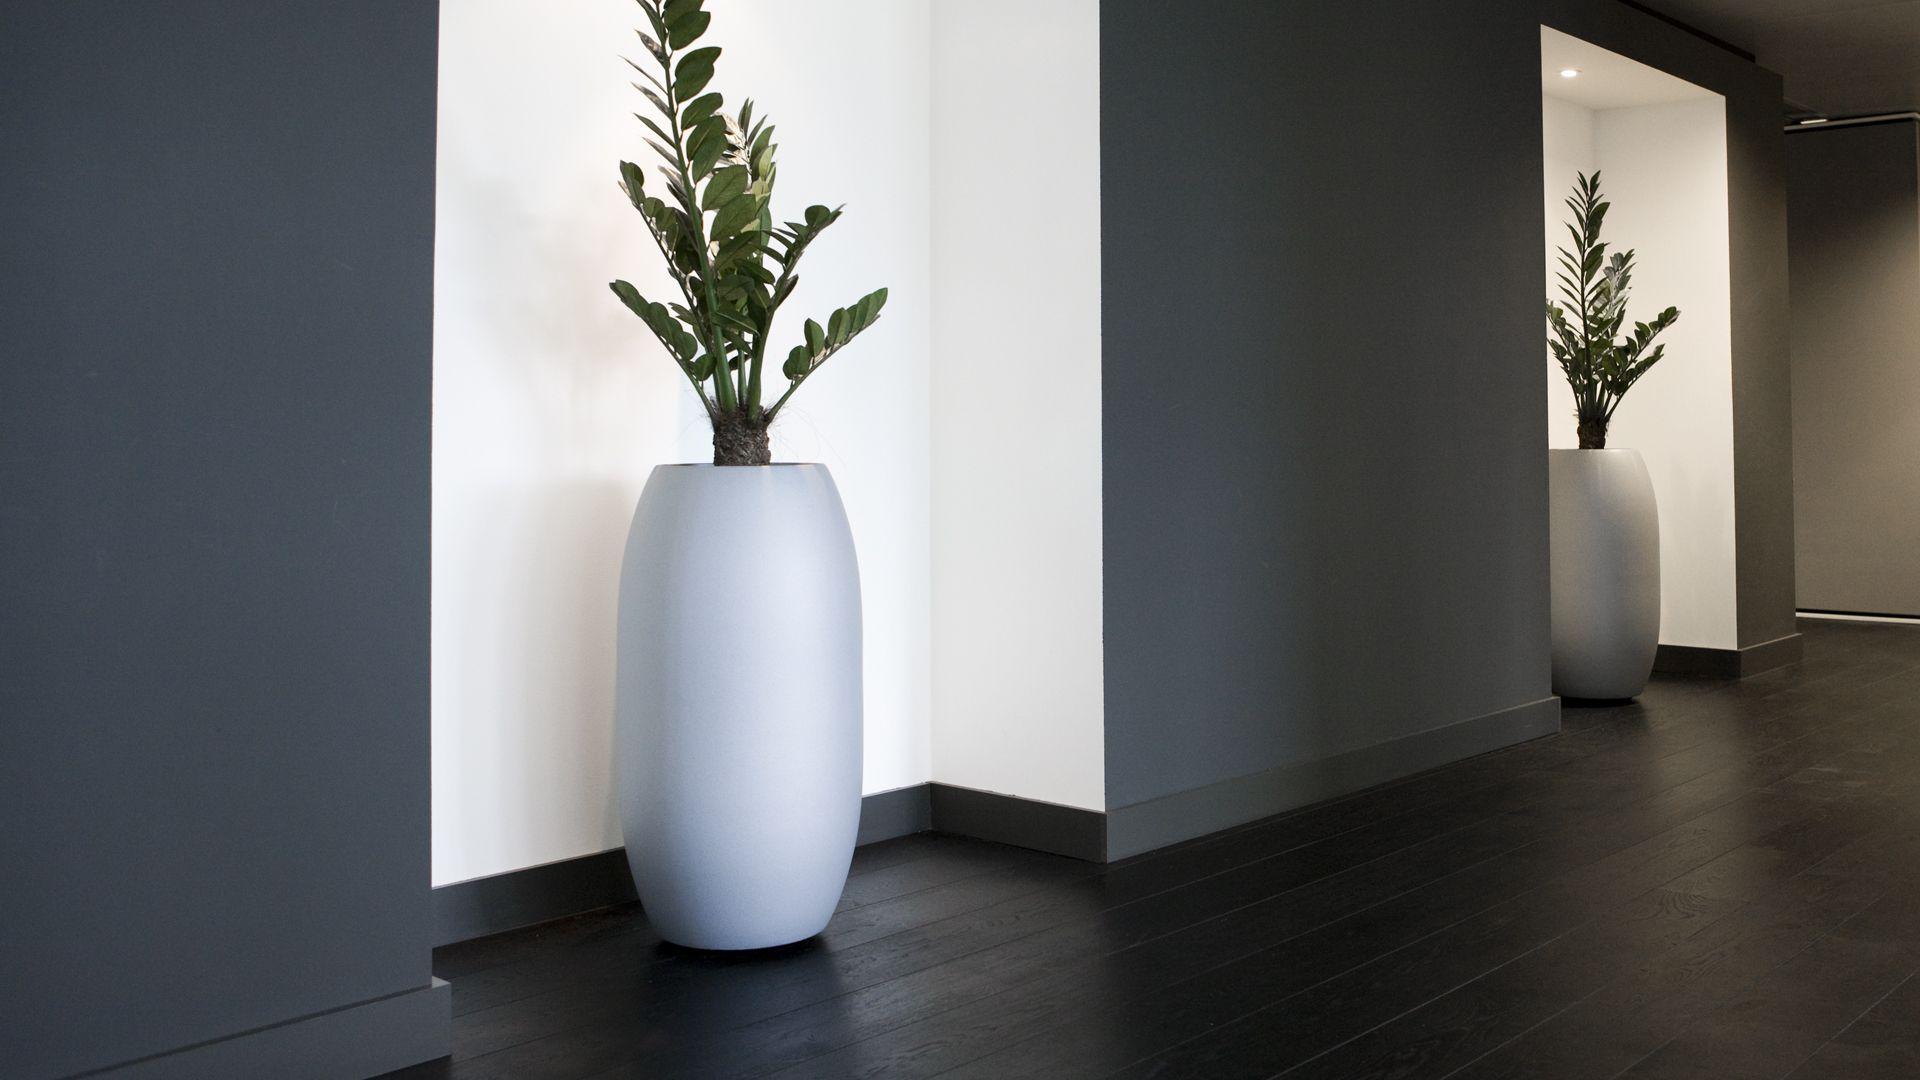 Zwarte Interieur Tips : Zwarte vloer beboparket houtenvloer laminaat interieur